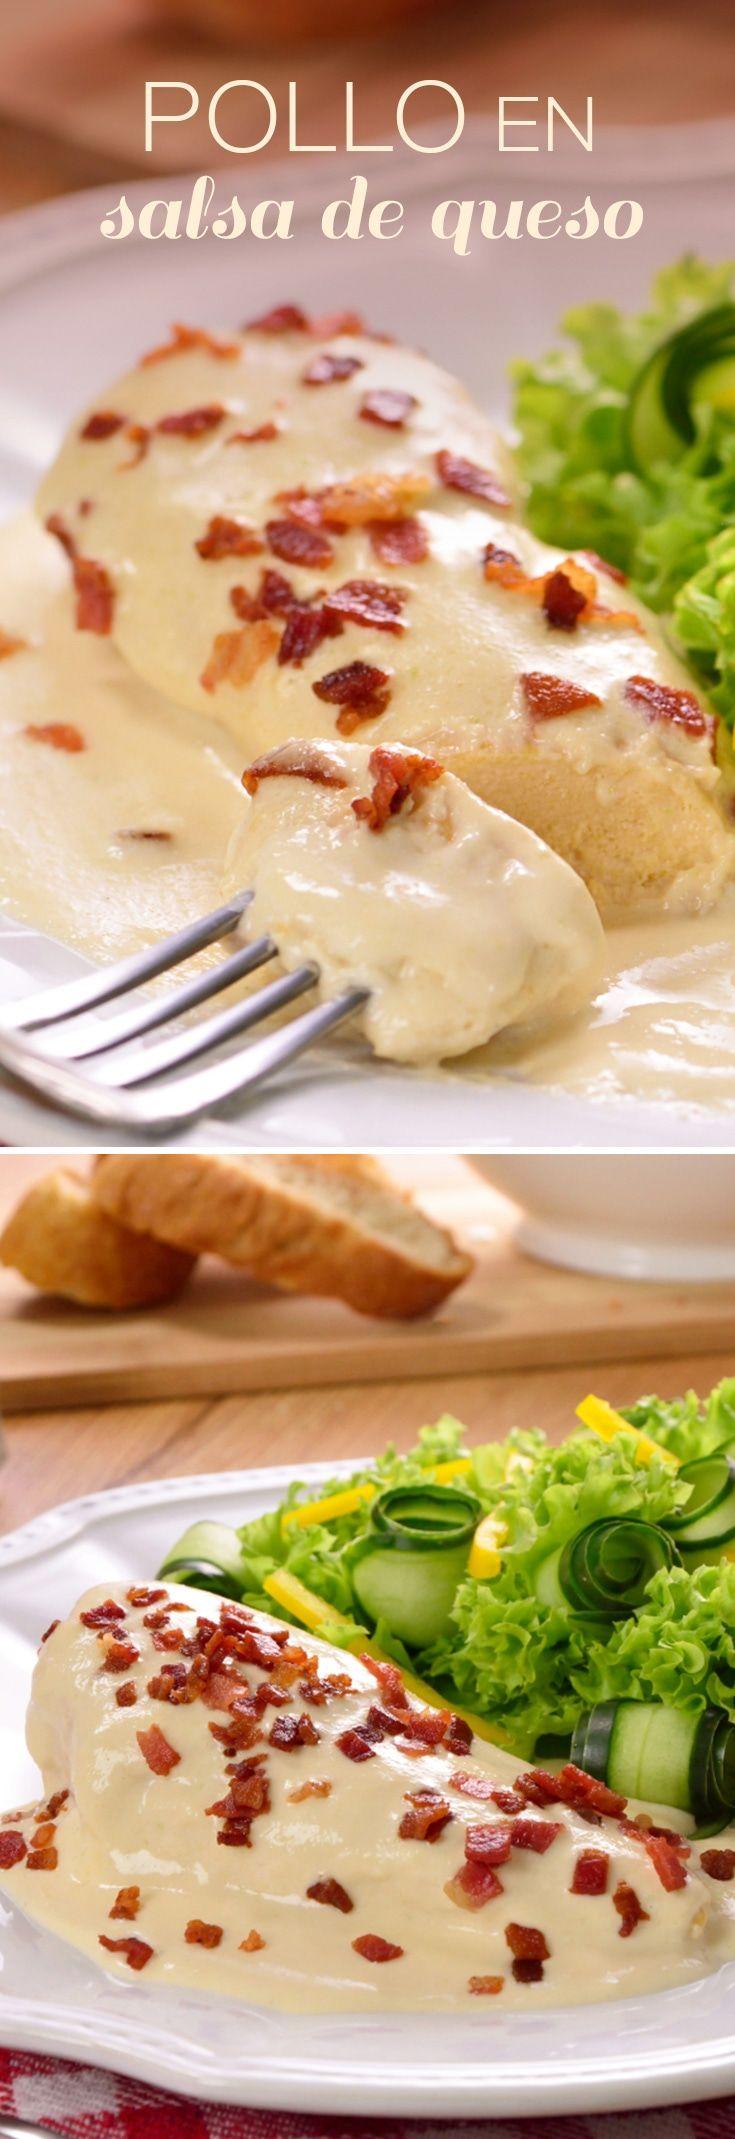 Pollo En Salsa De Queso Receta Recetas De Comida Comida Recetas Deliciosas